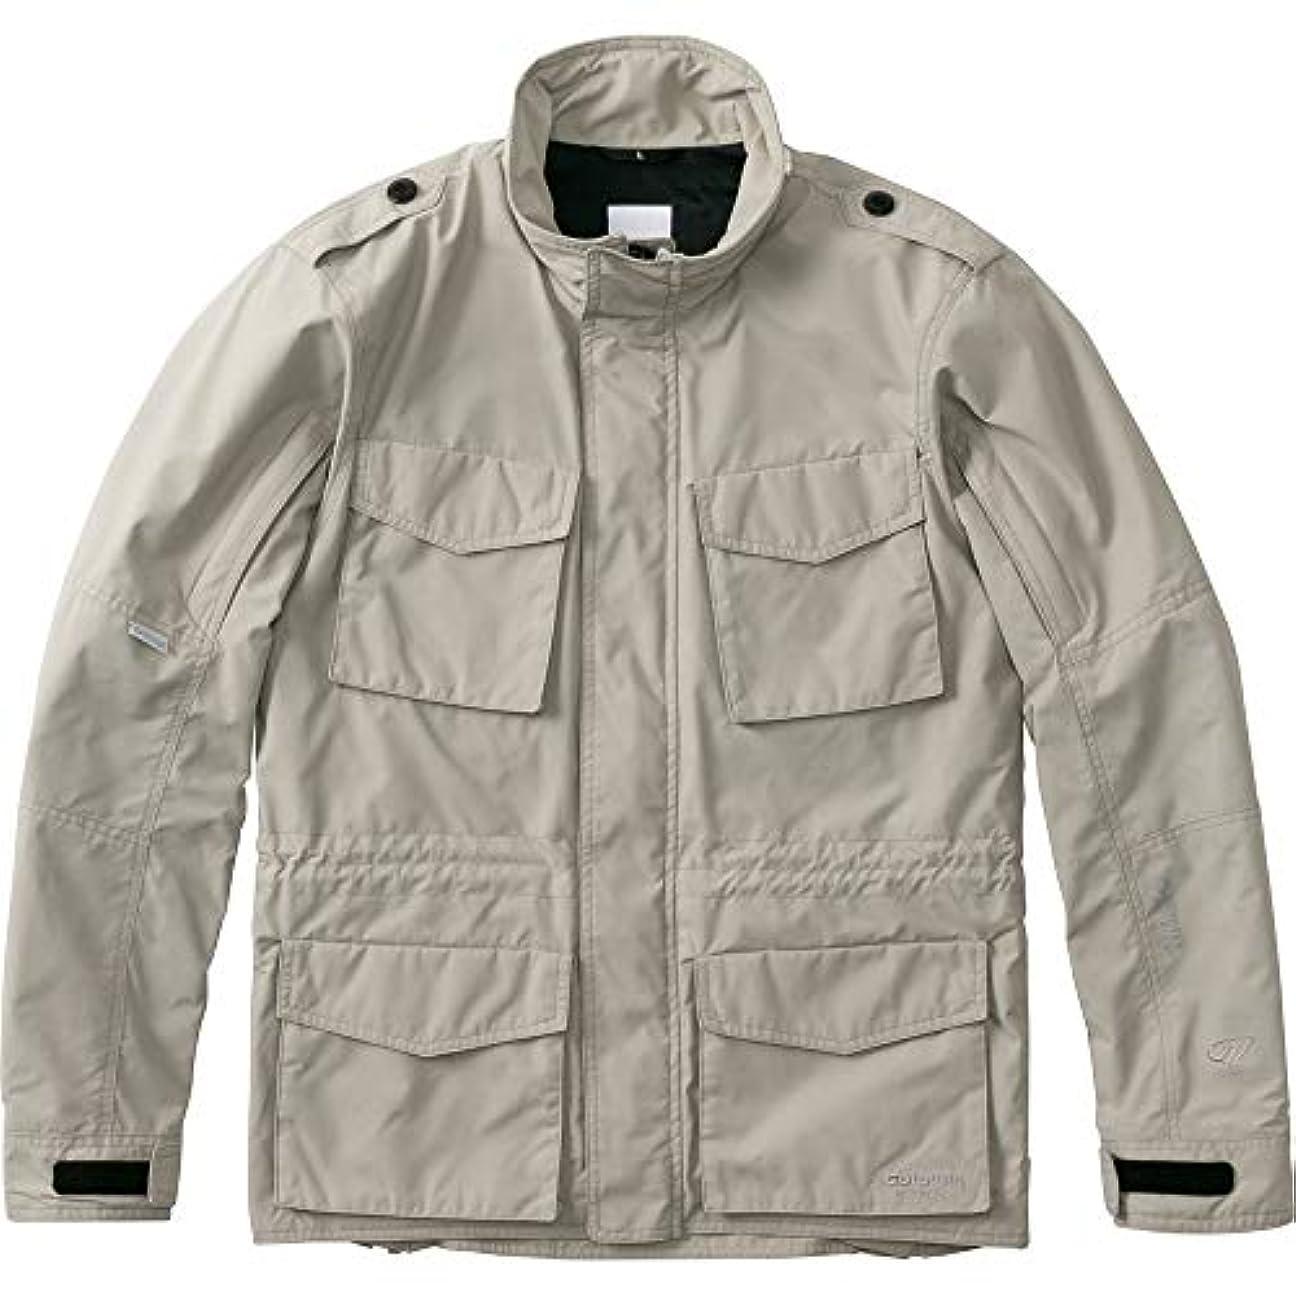 ボリューム震える食い違いゴールドウイン ジャケット GWM ゴアテックスインフィニアム クラシックジャケット ベージュ BE BL GSM22953 GOLDWIN